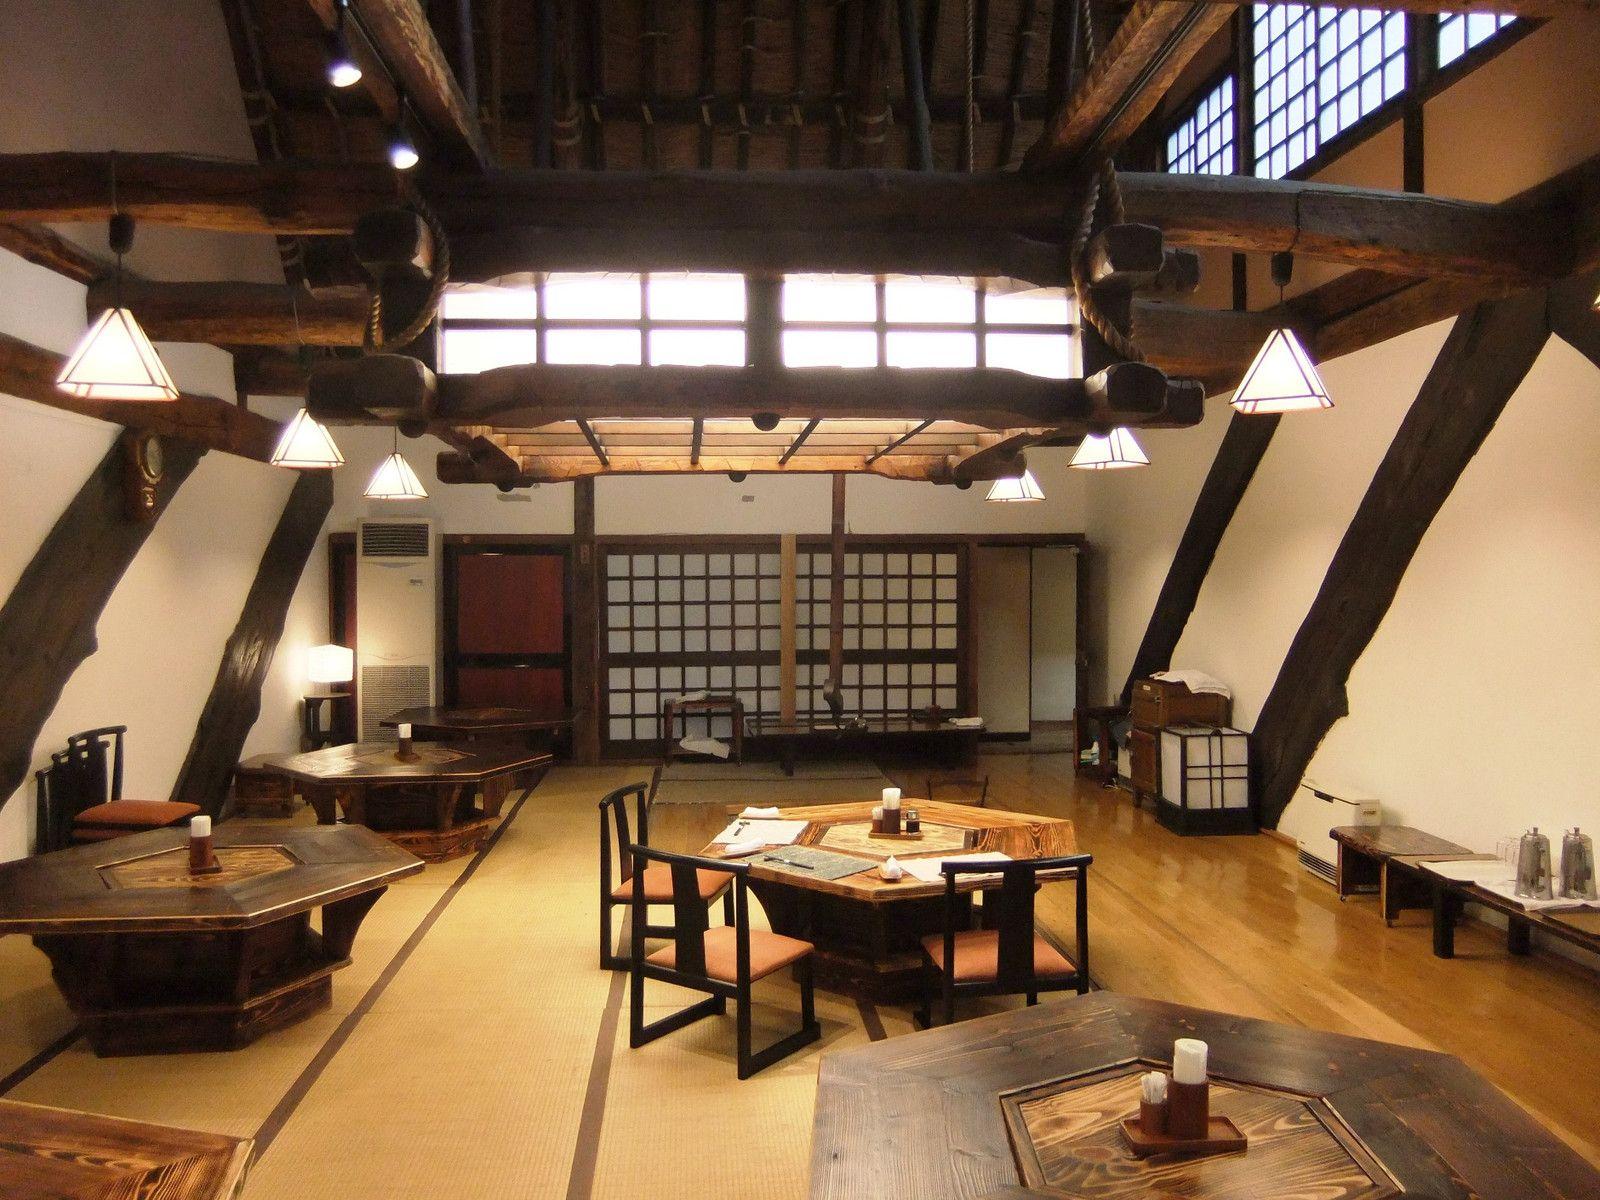 pin von mamumamu0611 auf pinterest japanische h user haus und japan. Black Bedroom Furniture Sets. Home Design Ideas